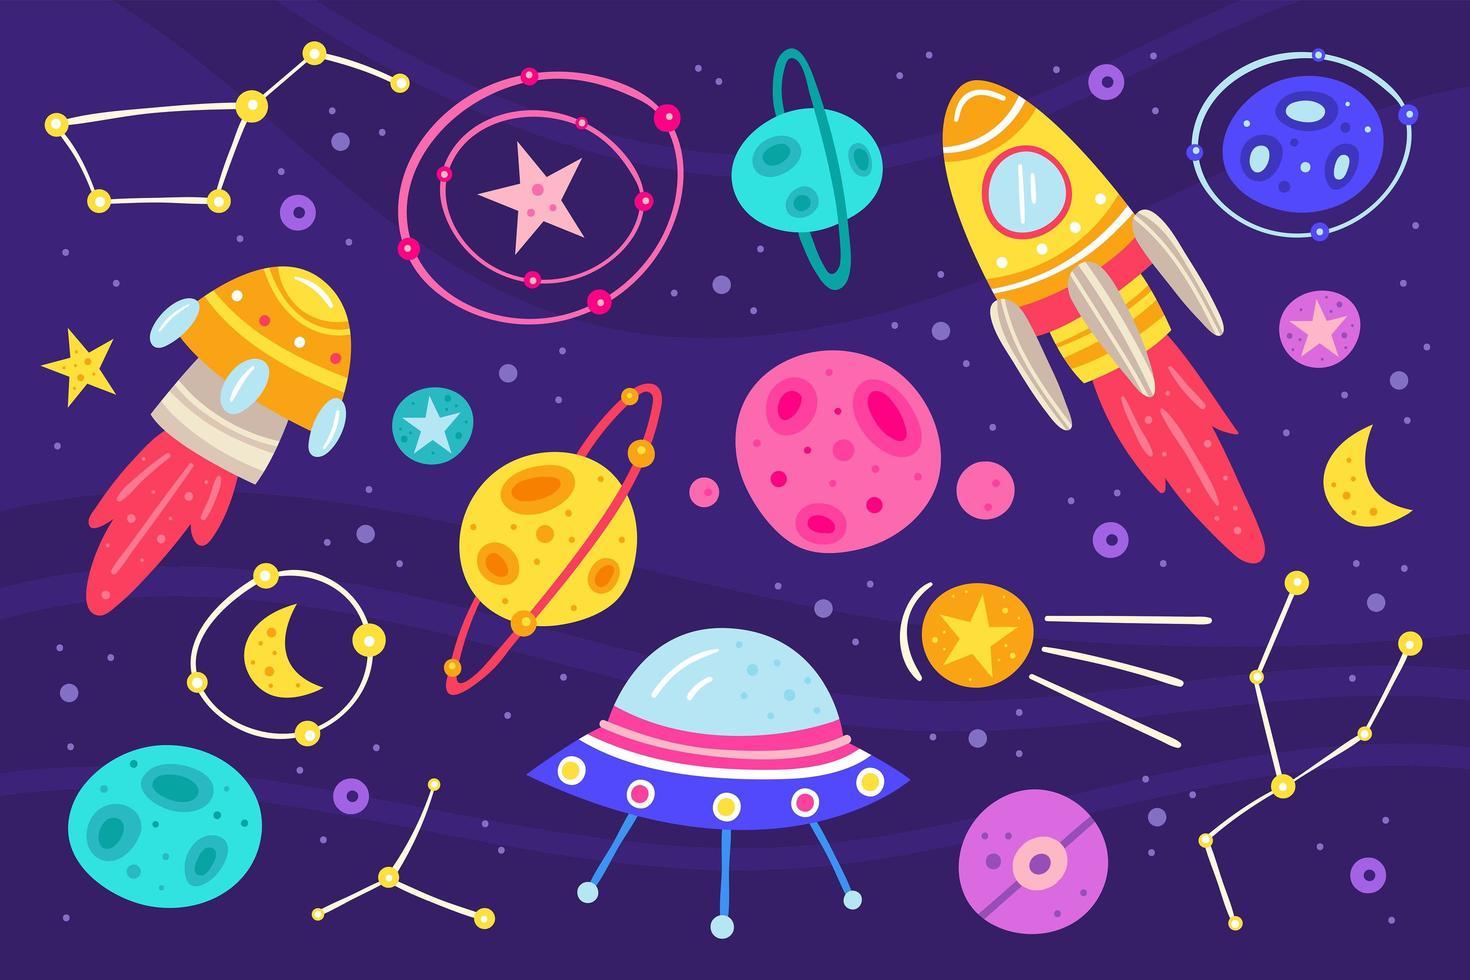 kleurrijke ruimte-elementen instellen vector